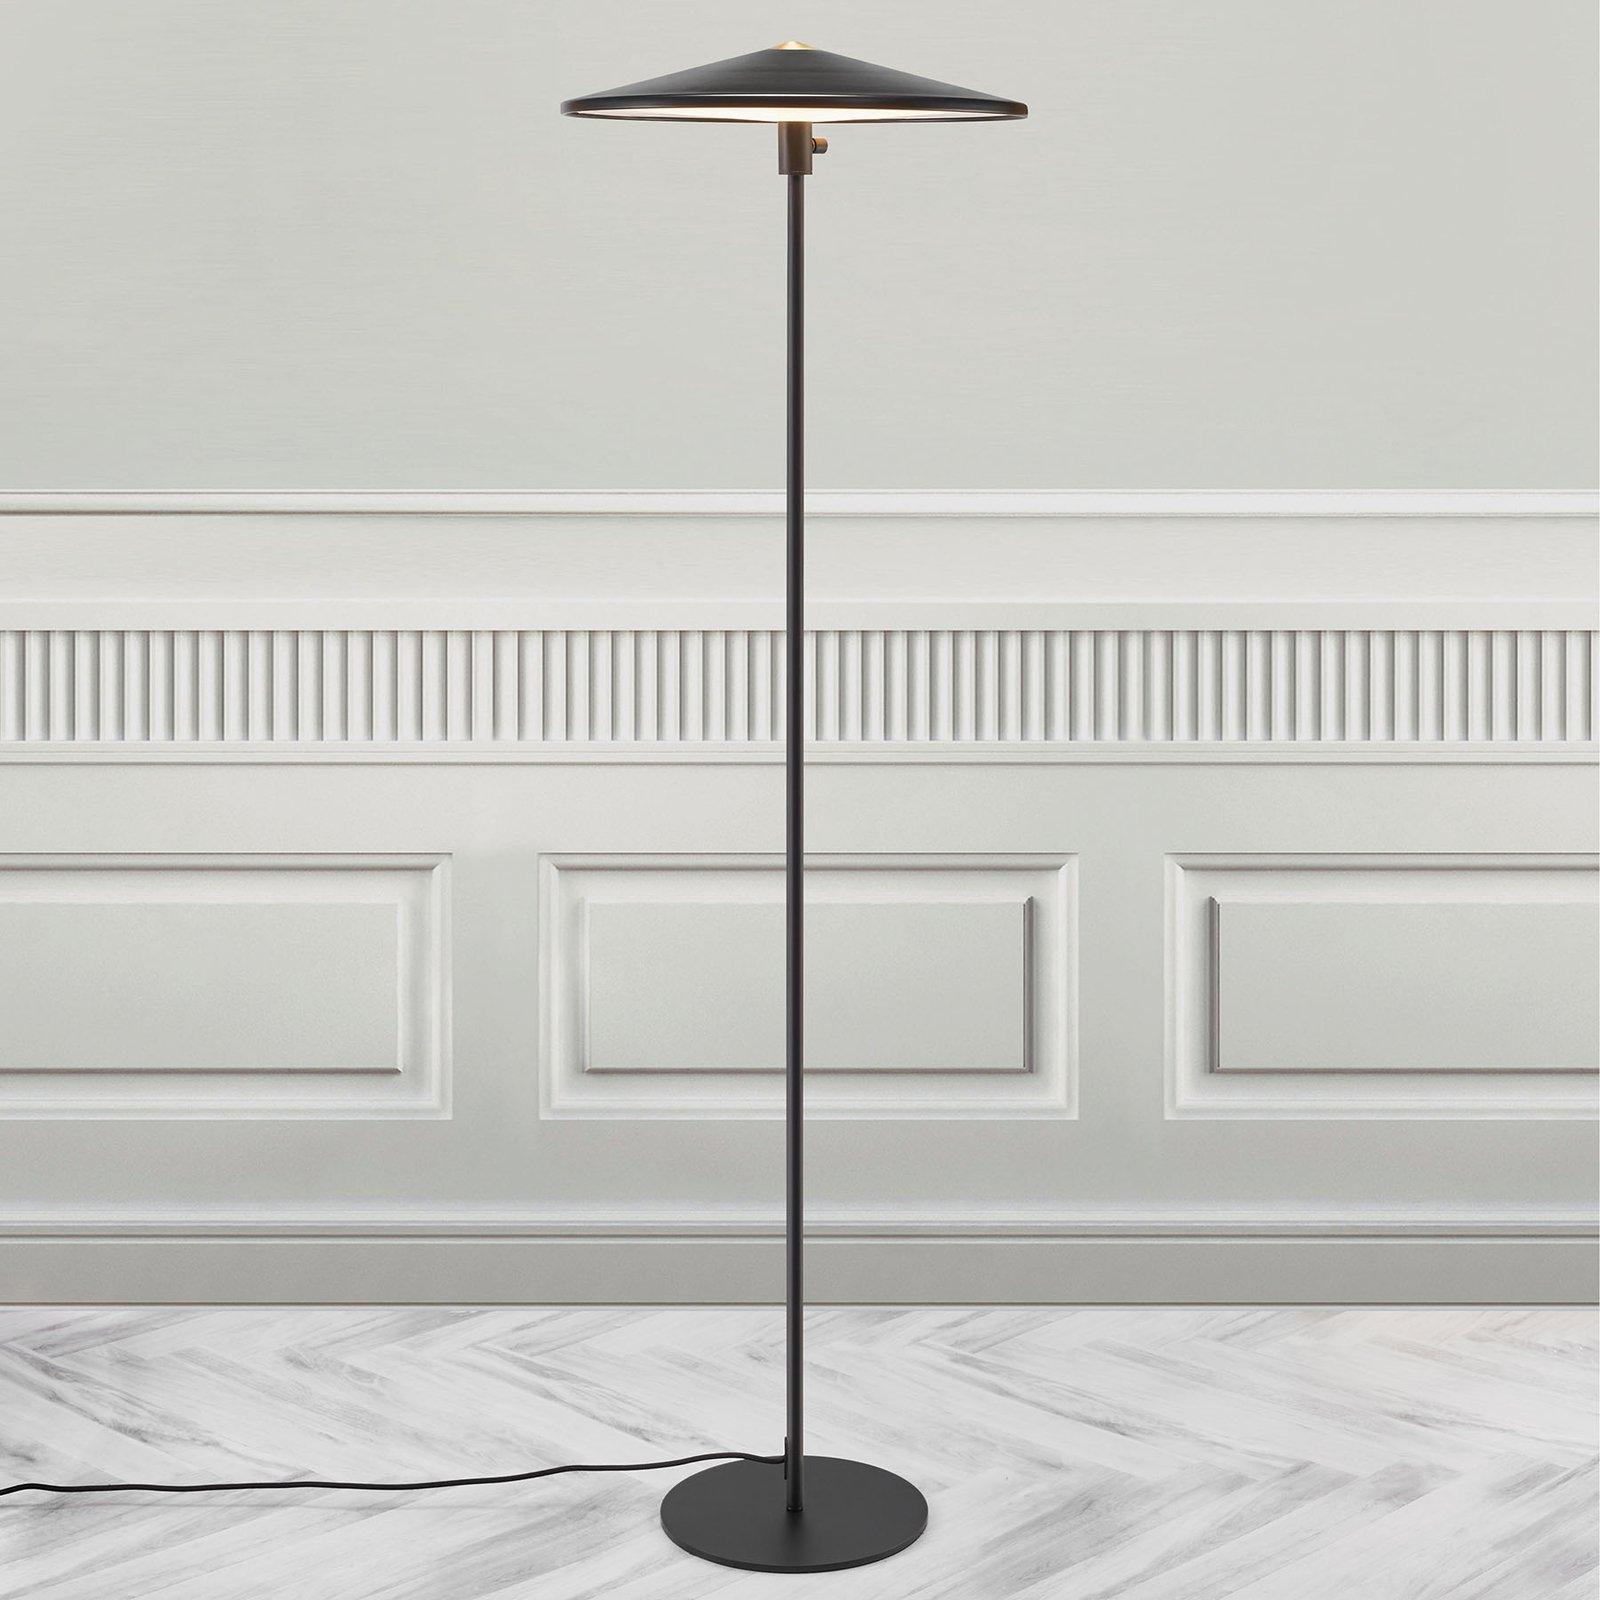 LED-gulvlampe Balance, integrert dimmer